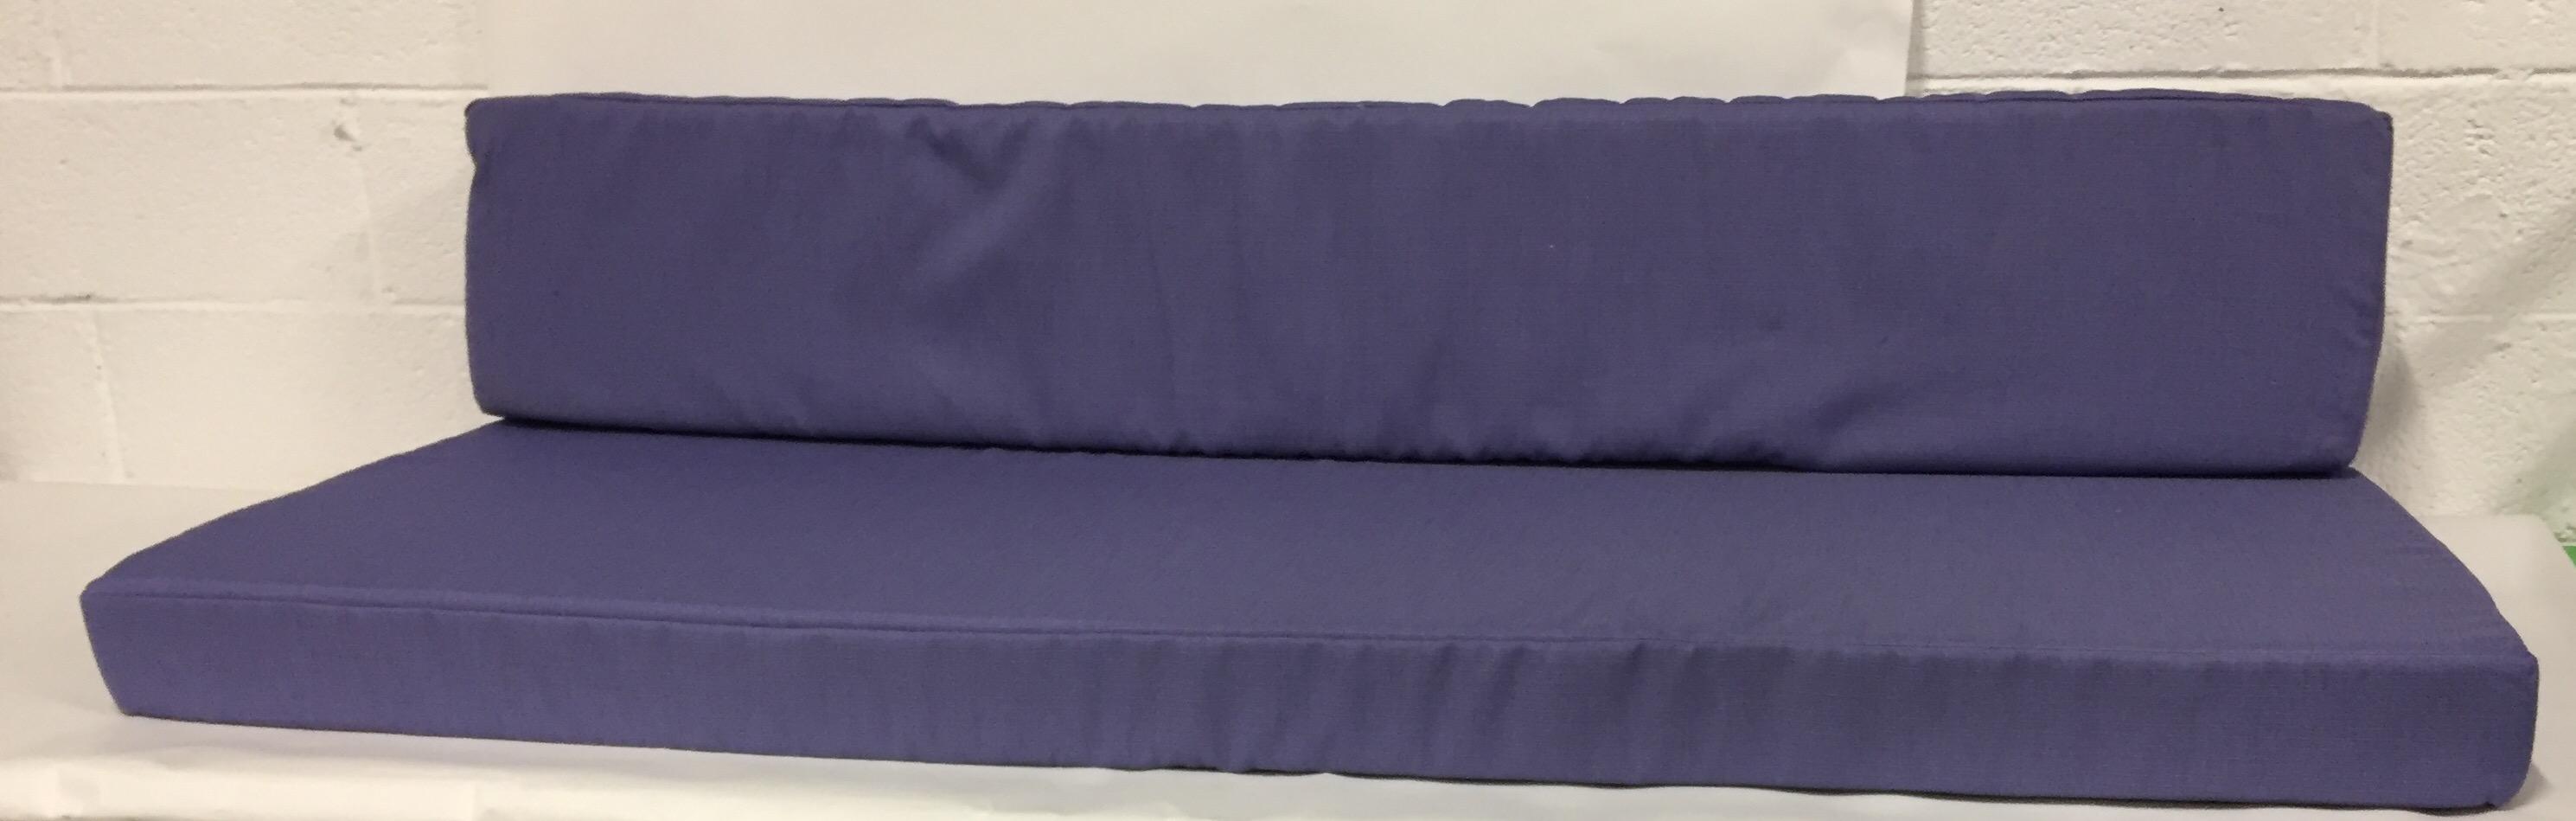 coussin canape 3P lavande assise + dos